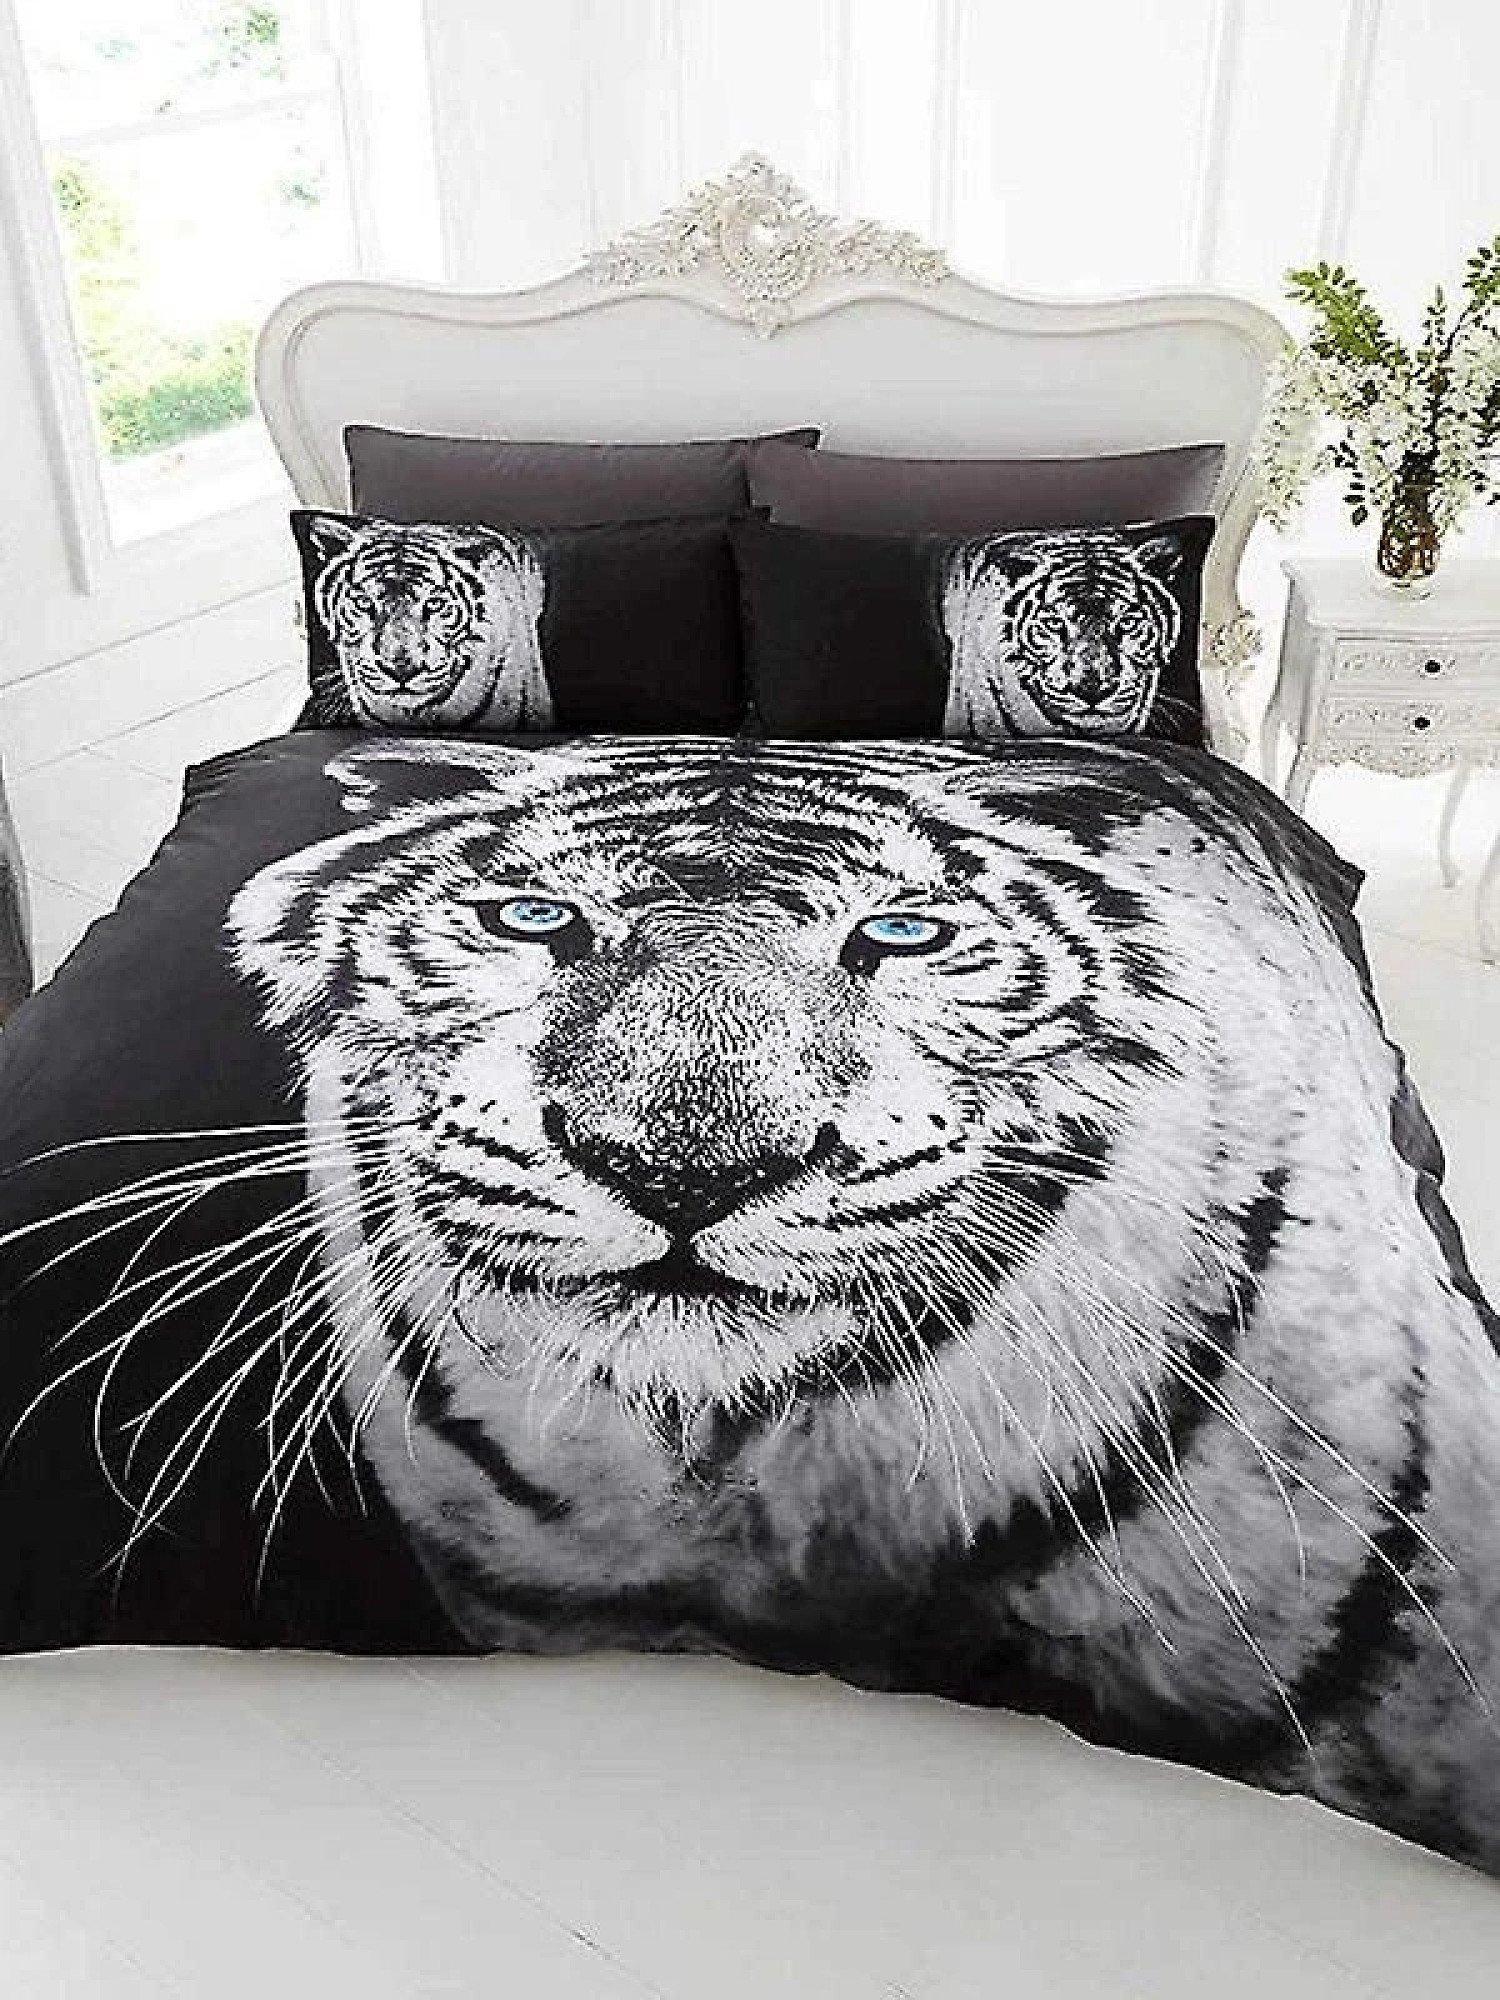 (BlackWhiteTiger Single)) 3D Design Animal Print Duvet Cover & Bedding Set With Pillowcases